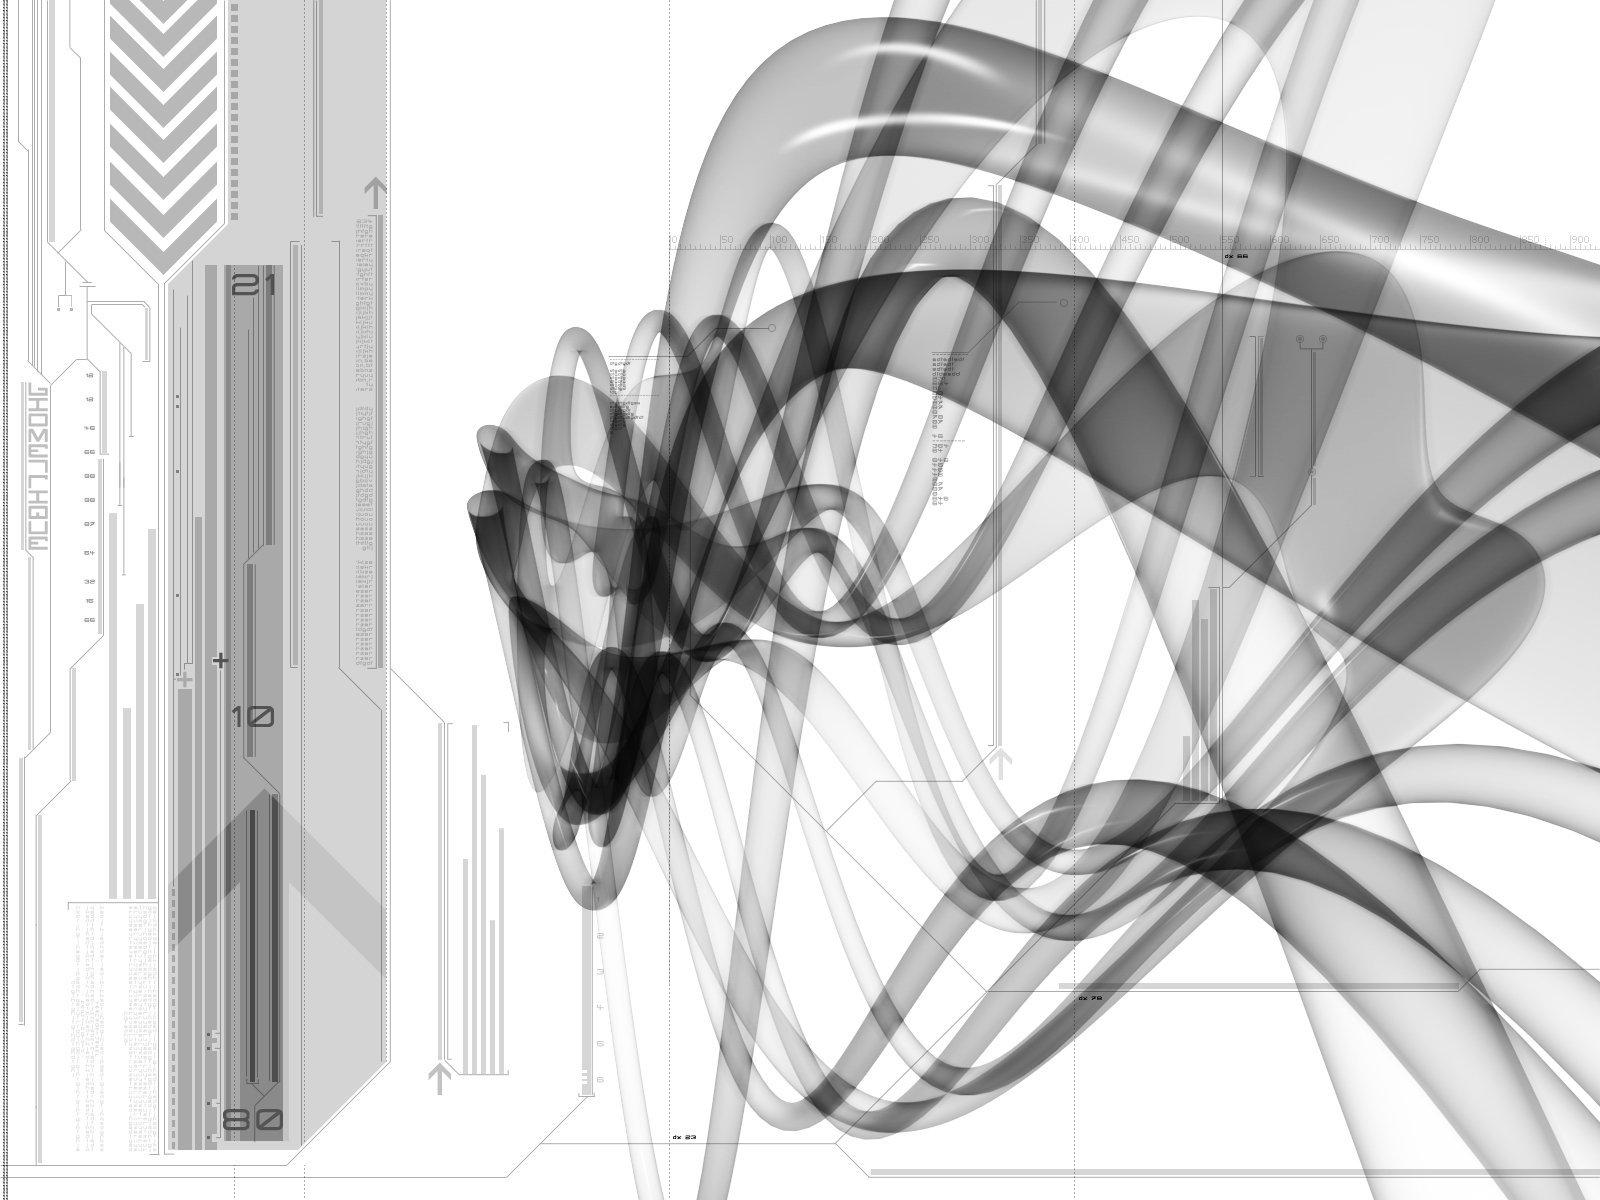 モノクロCG 壁紙 - Computer Graphics WALLPAPER